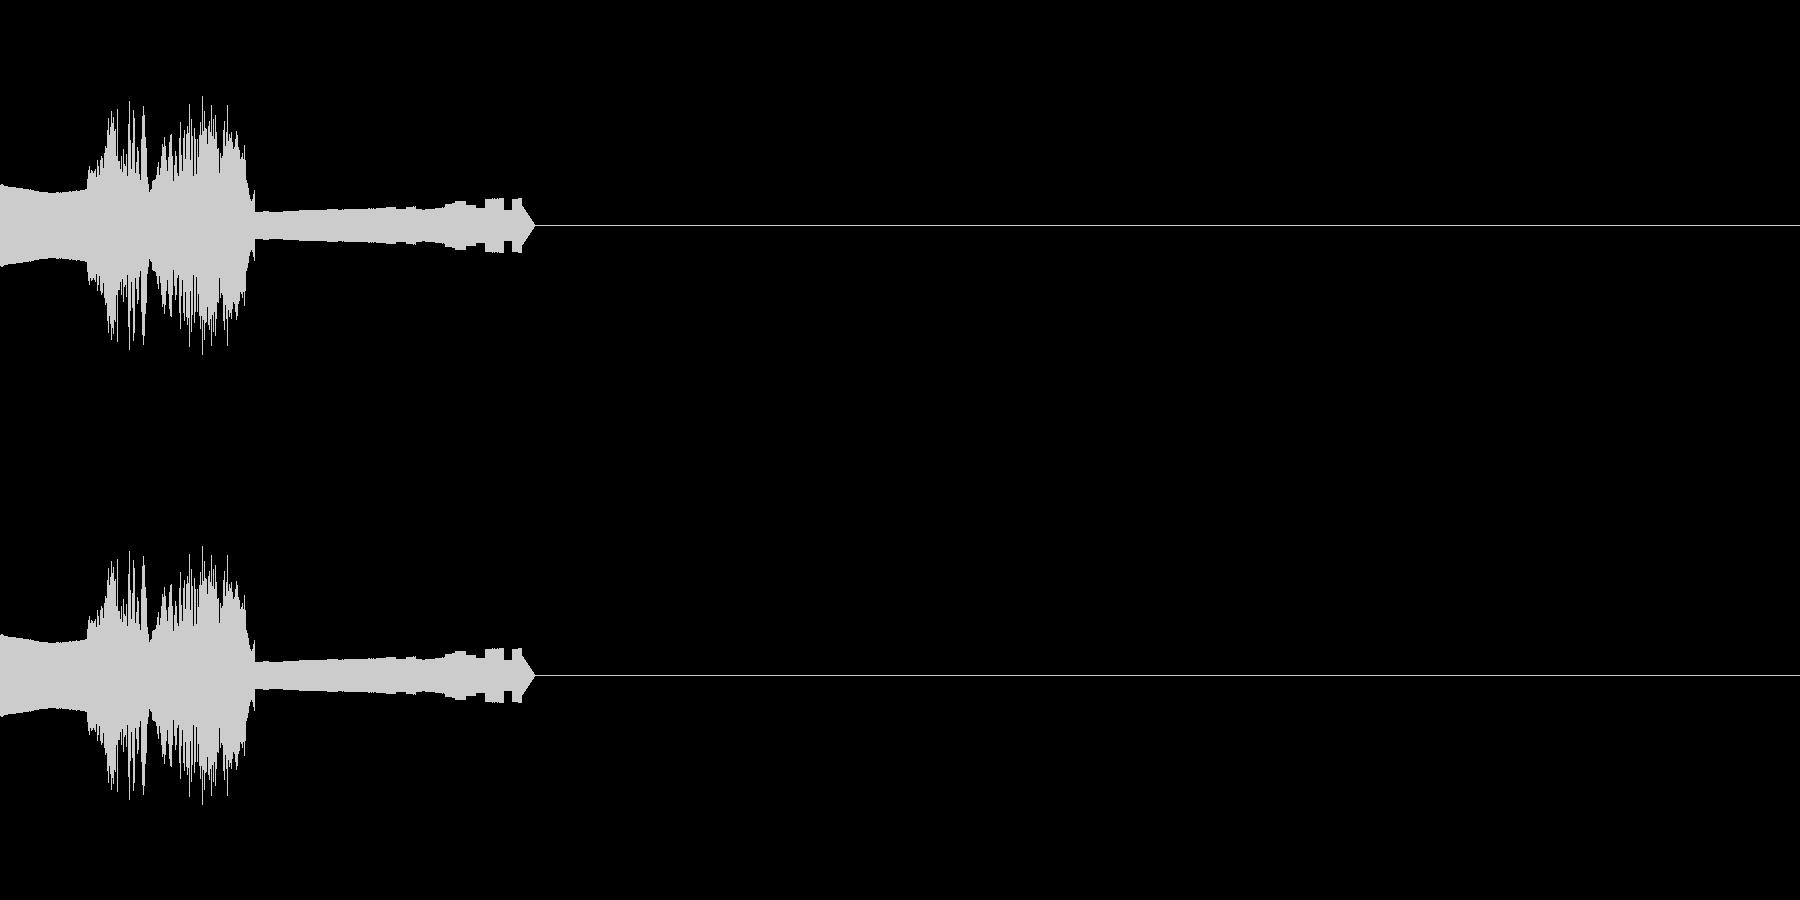 神経にさわる効果音の未再生の波形